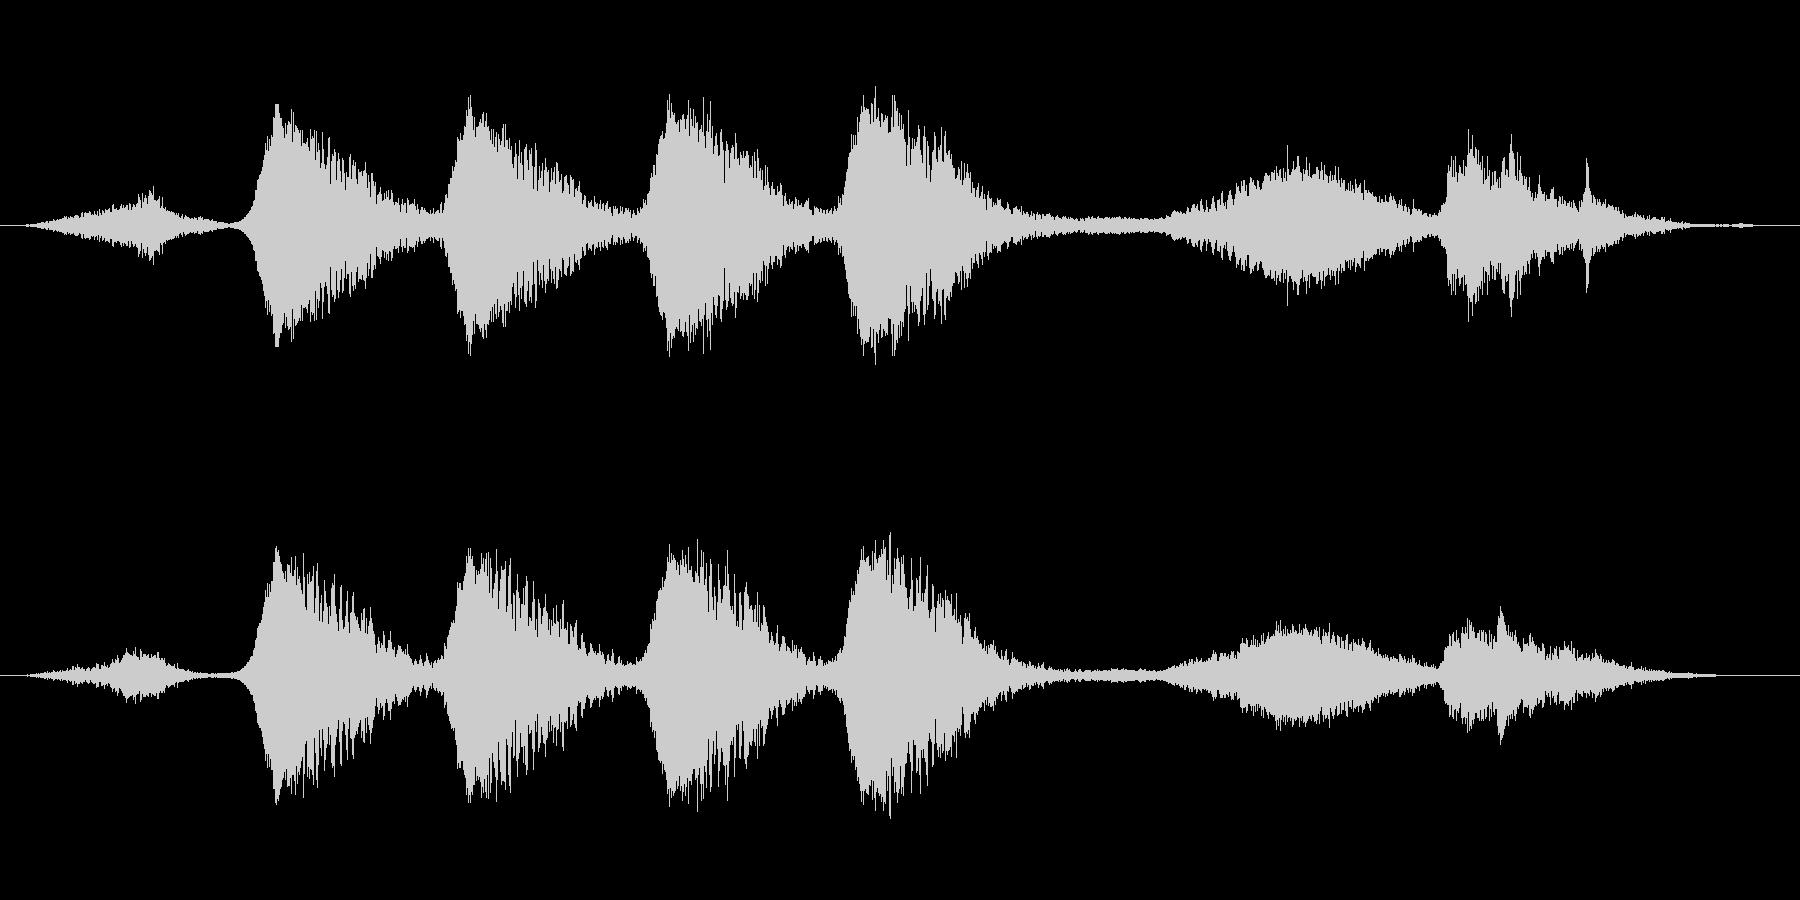 ミステリー、ホラー向き楽曲。つかみ所の…の未再生の波形